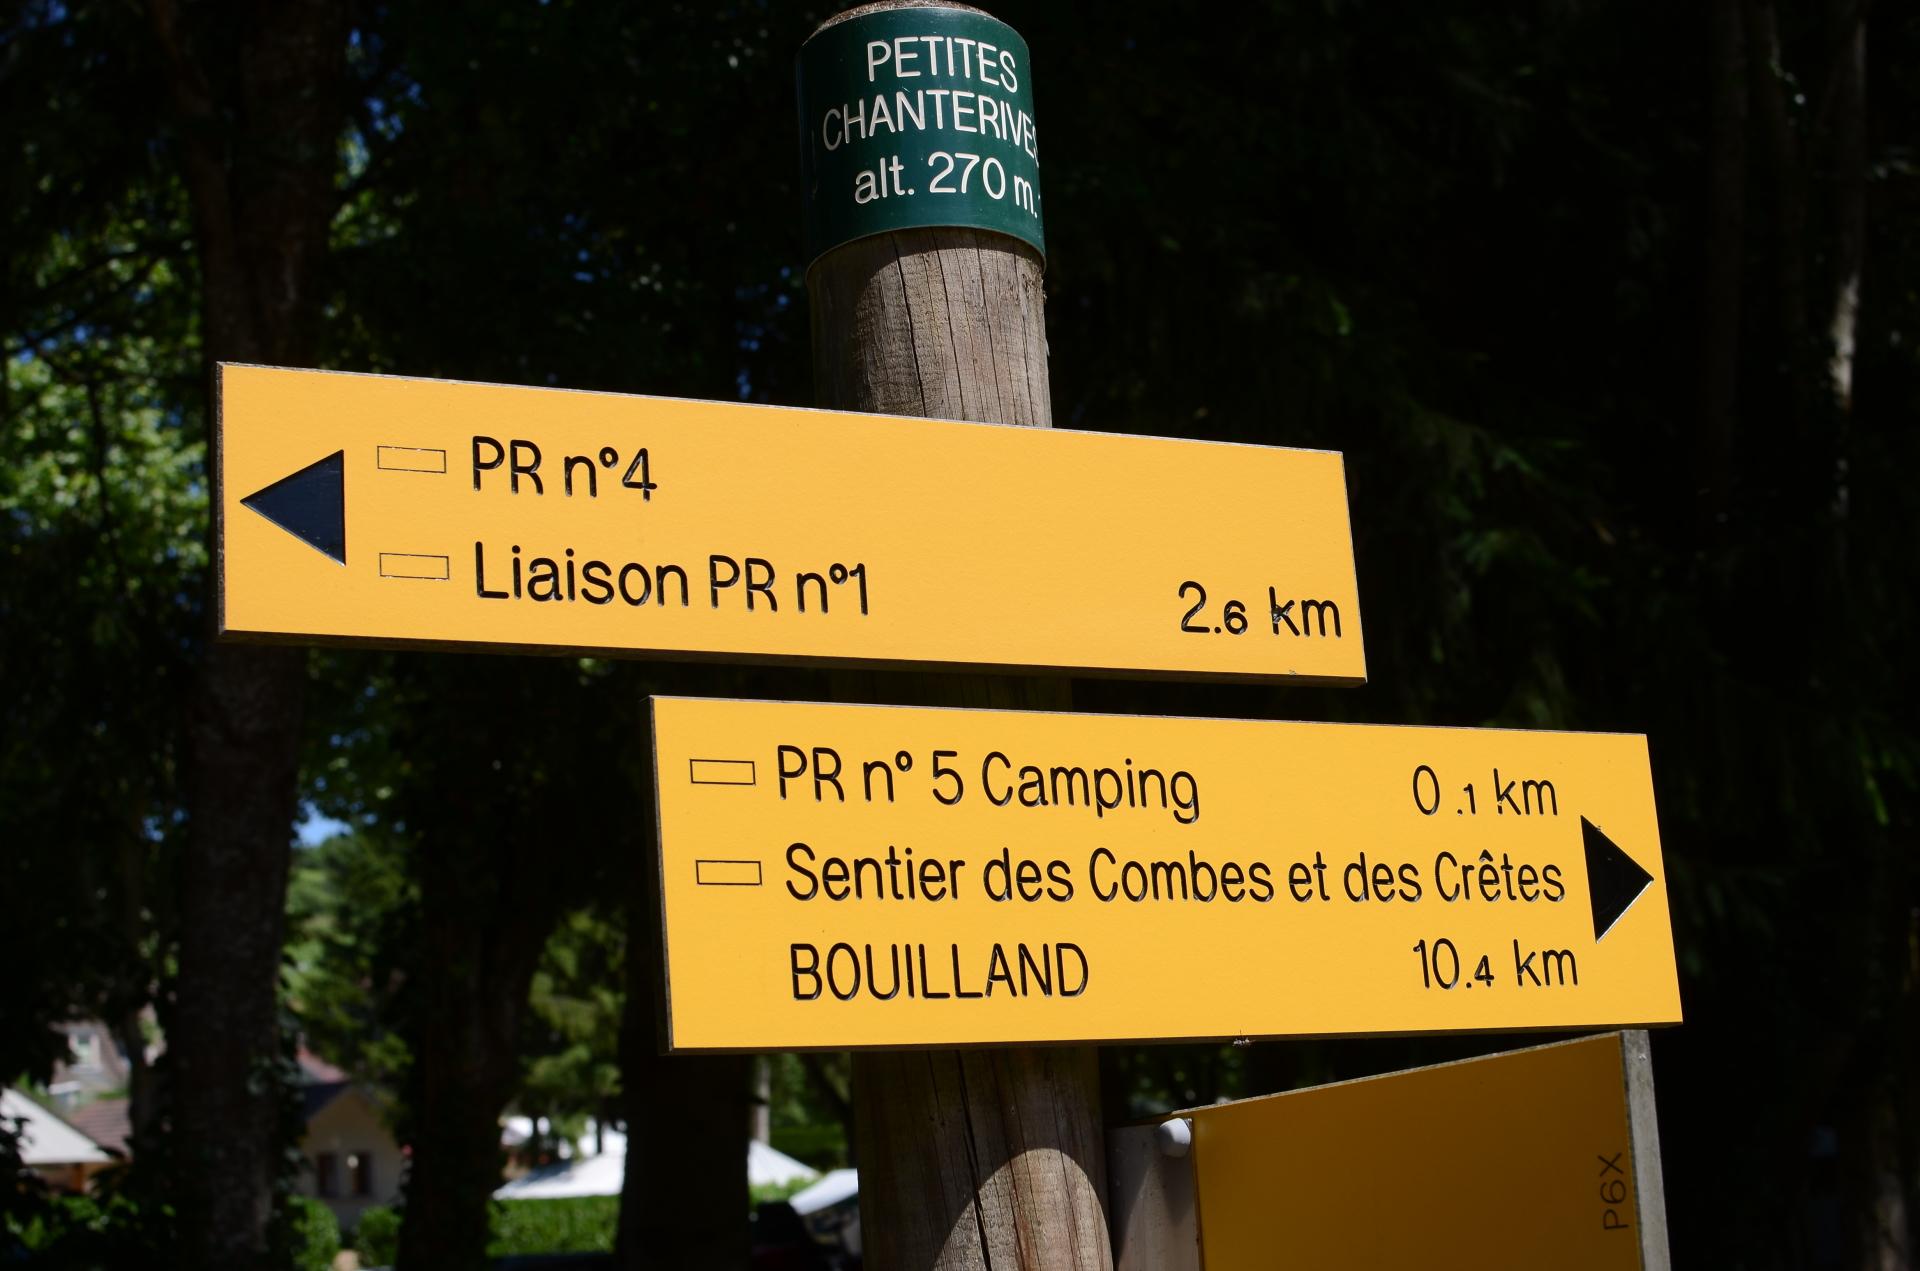 於法國鄉郊享受一個遠足假期